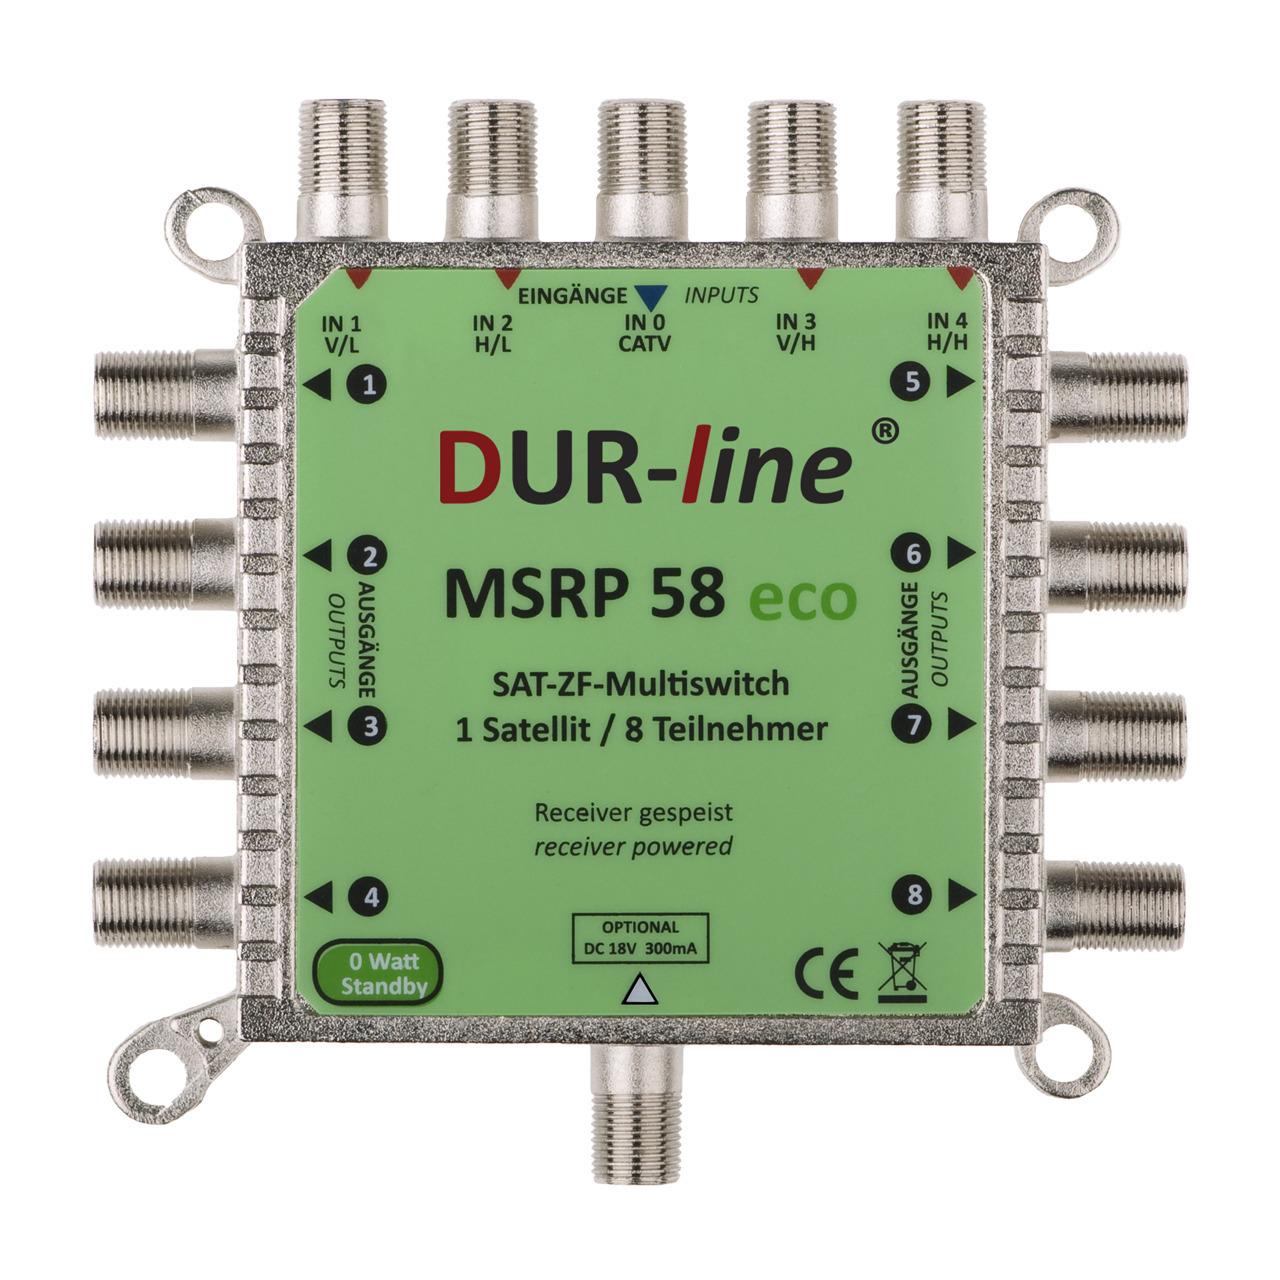 DUR-line ECO-Multischalter MSRP 58 eco- benötigt kein Netzteil- 0 W im Stand-by